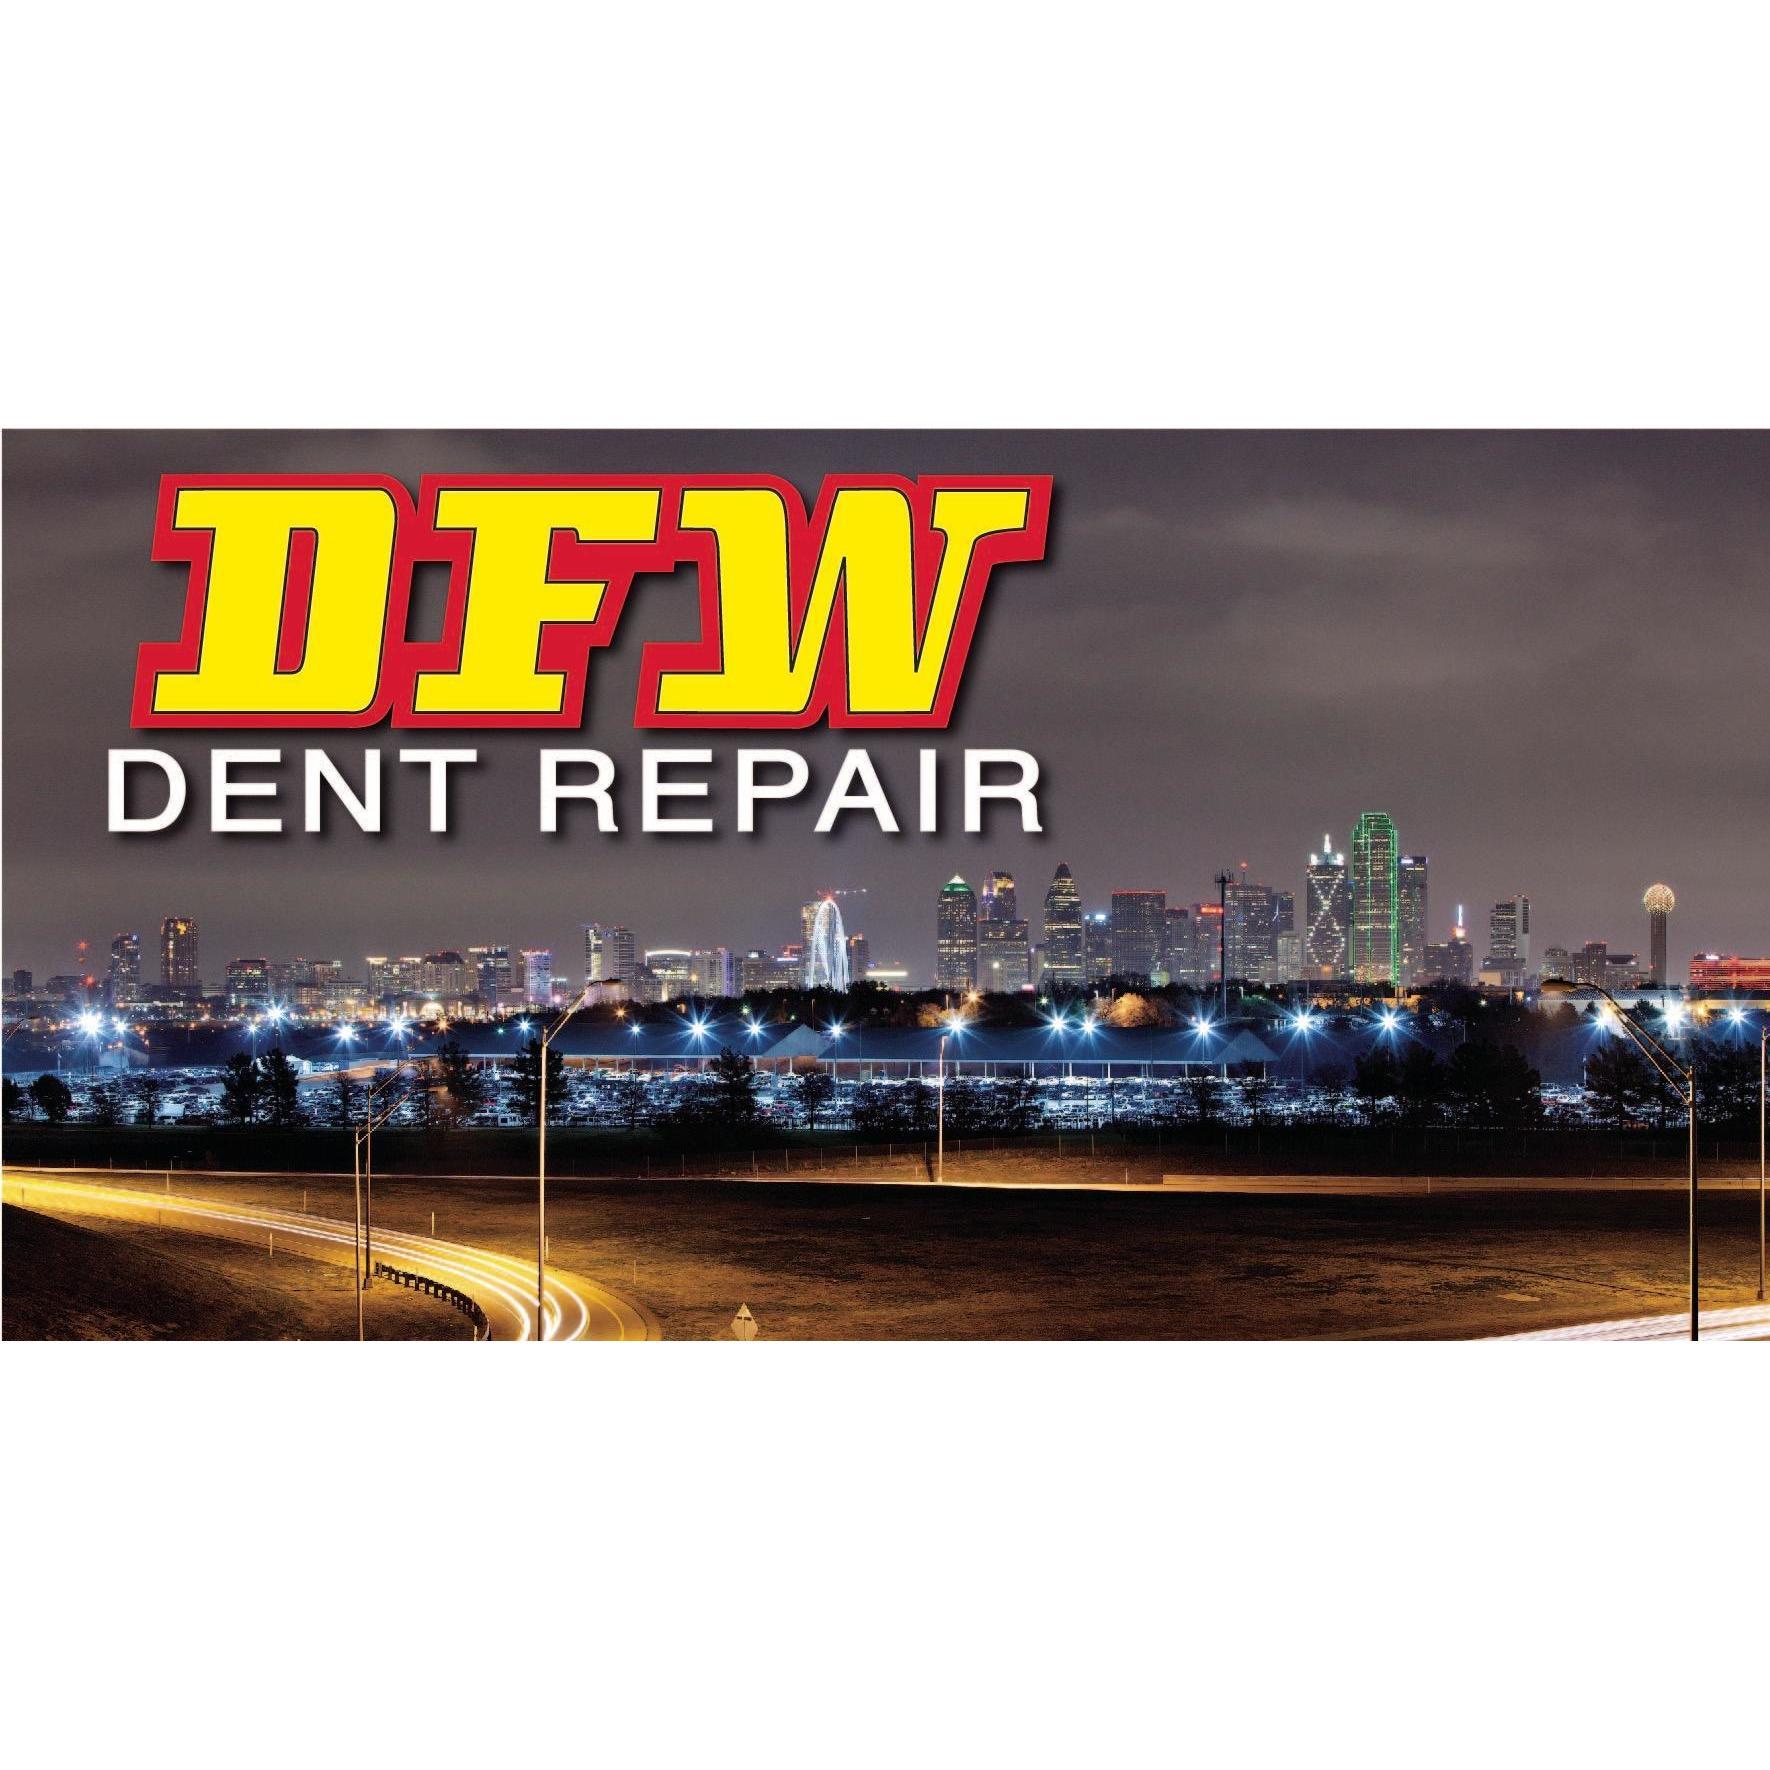 DFW Dent Repair - lewisville, TX - Auto Body Repair & Painting